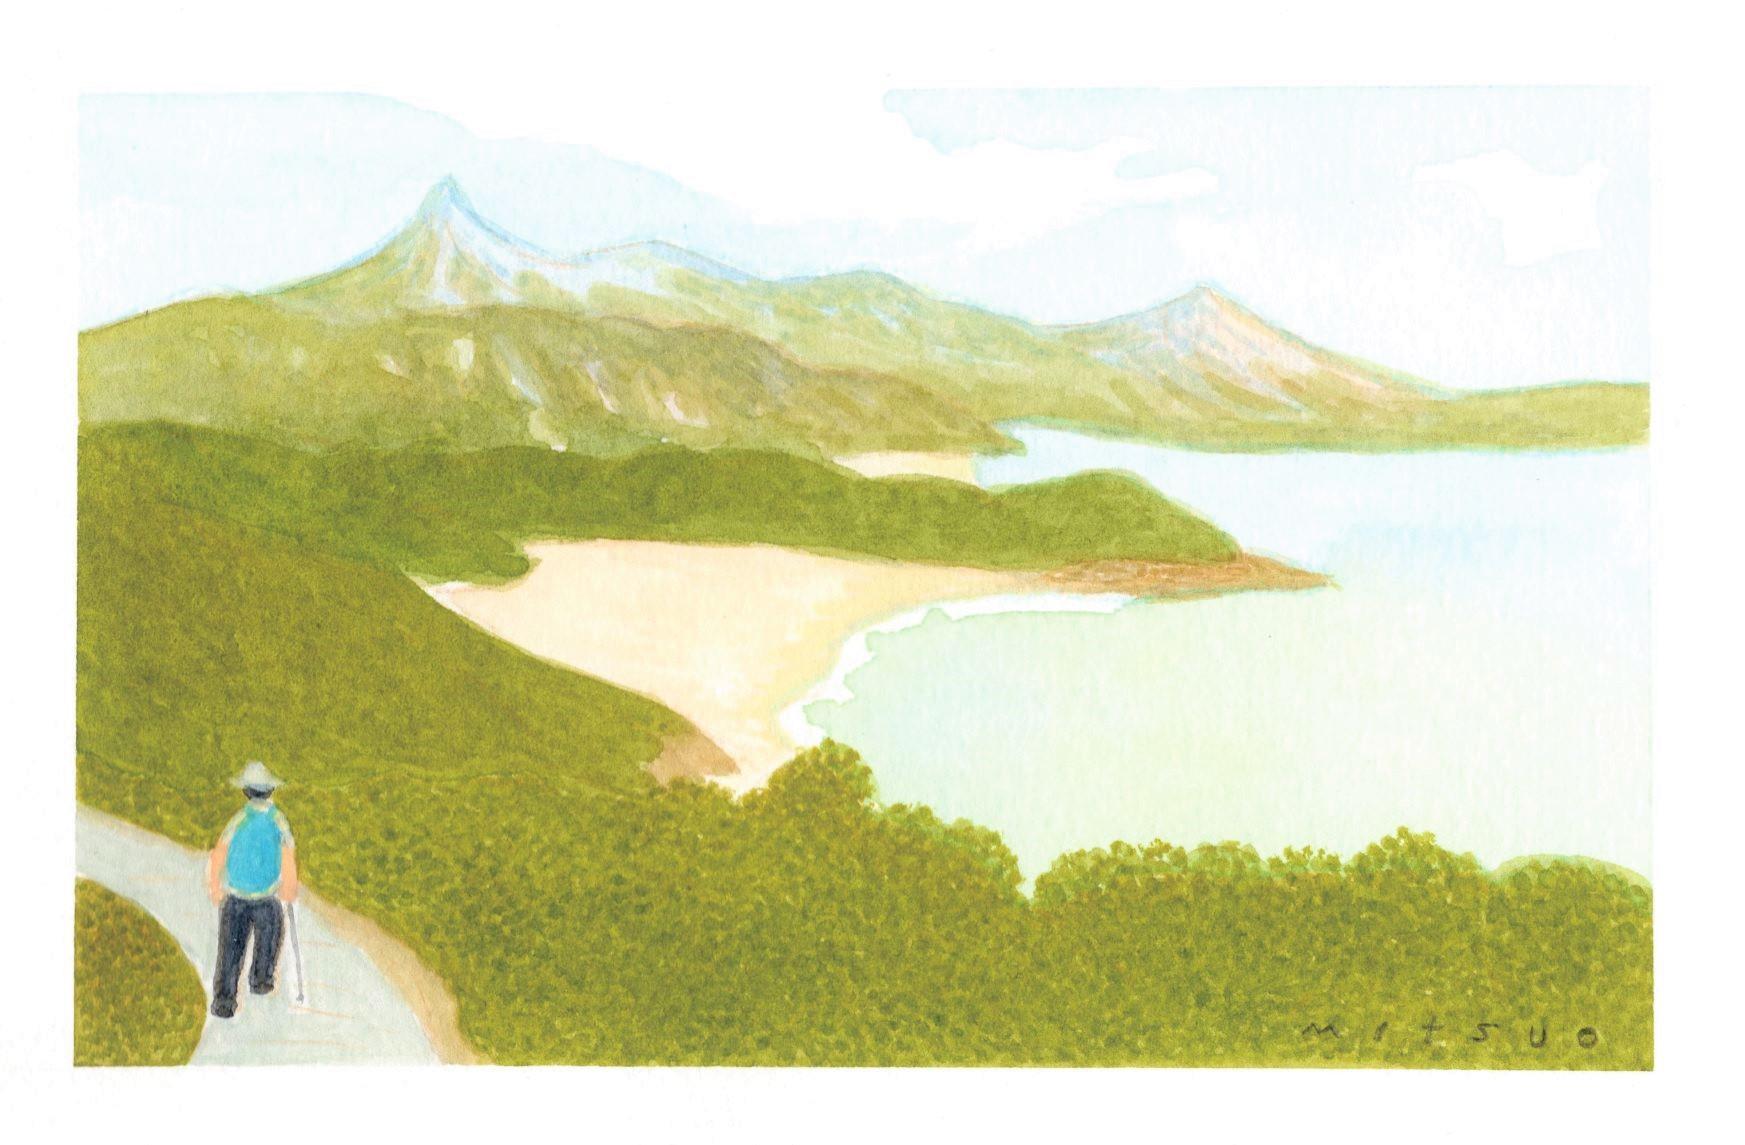 Ⓒイラストレーション:中村みつを「香港の山の思い出」